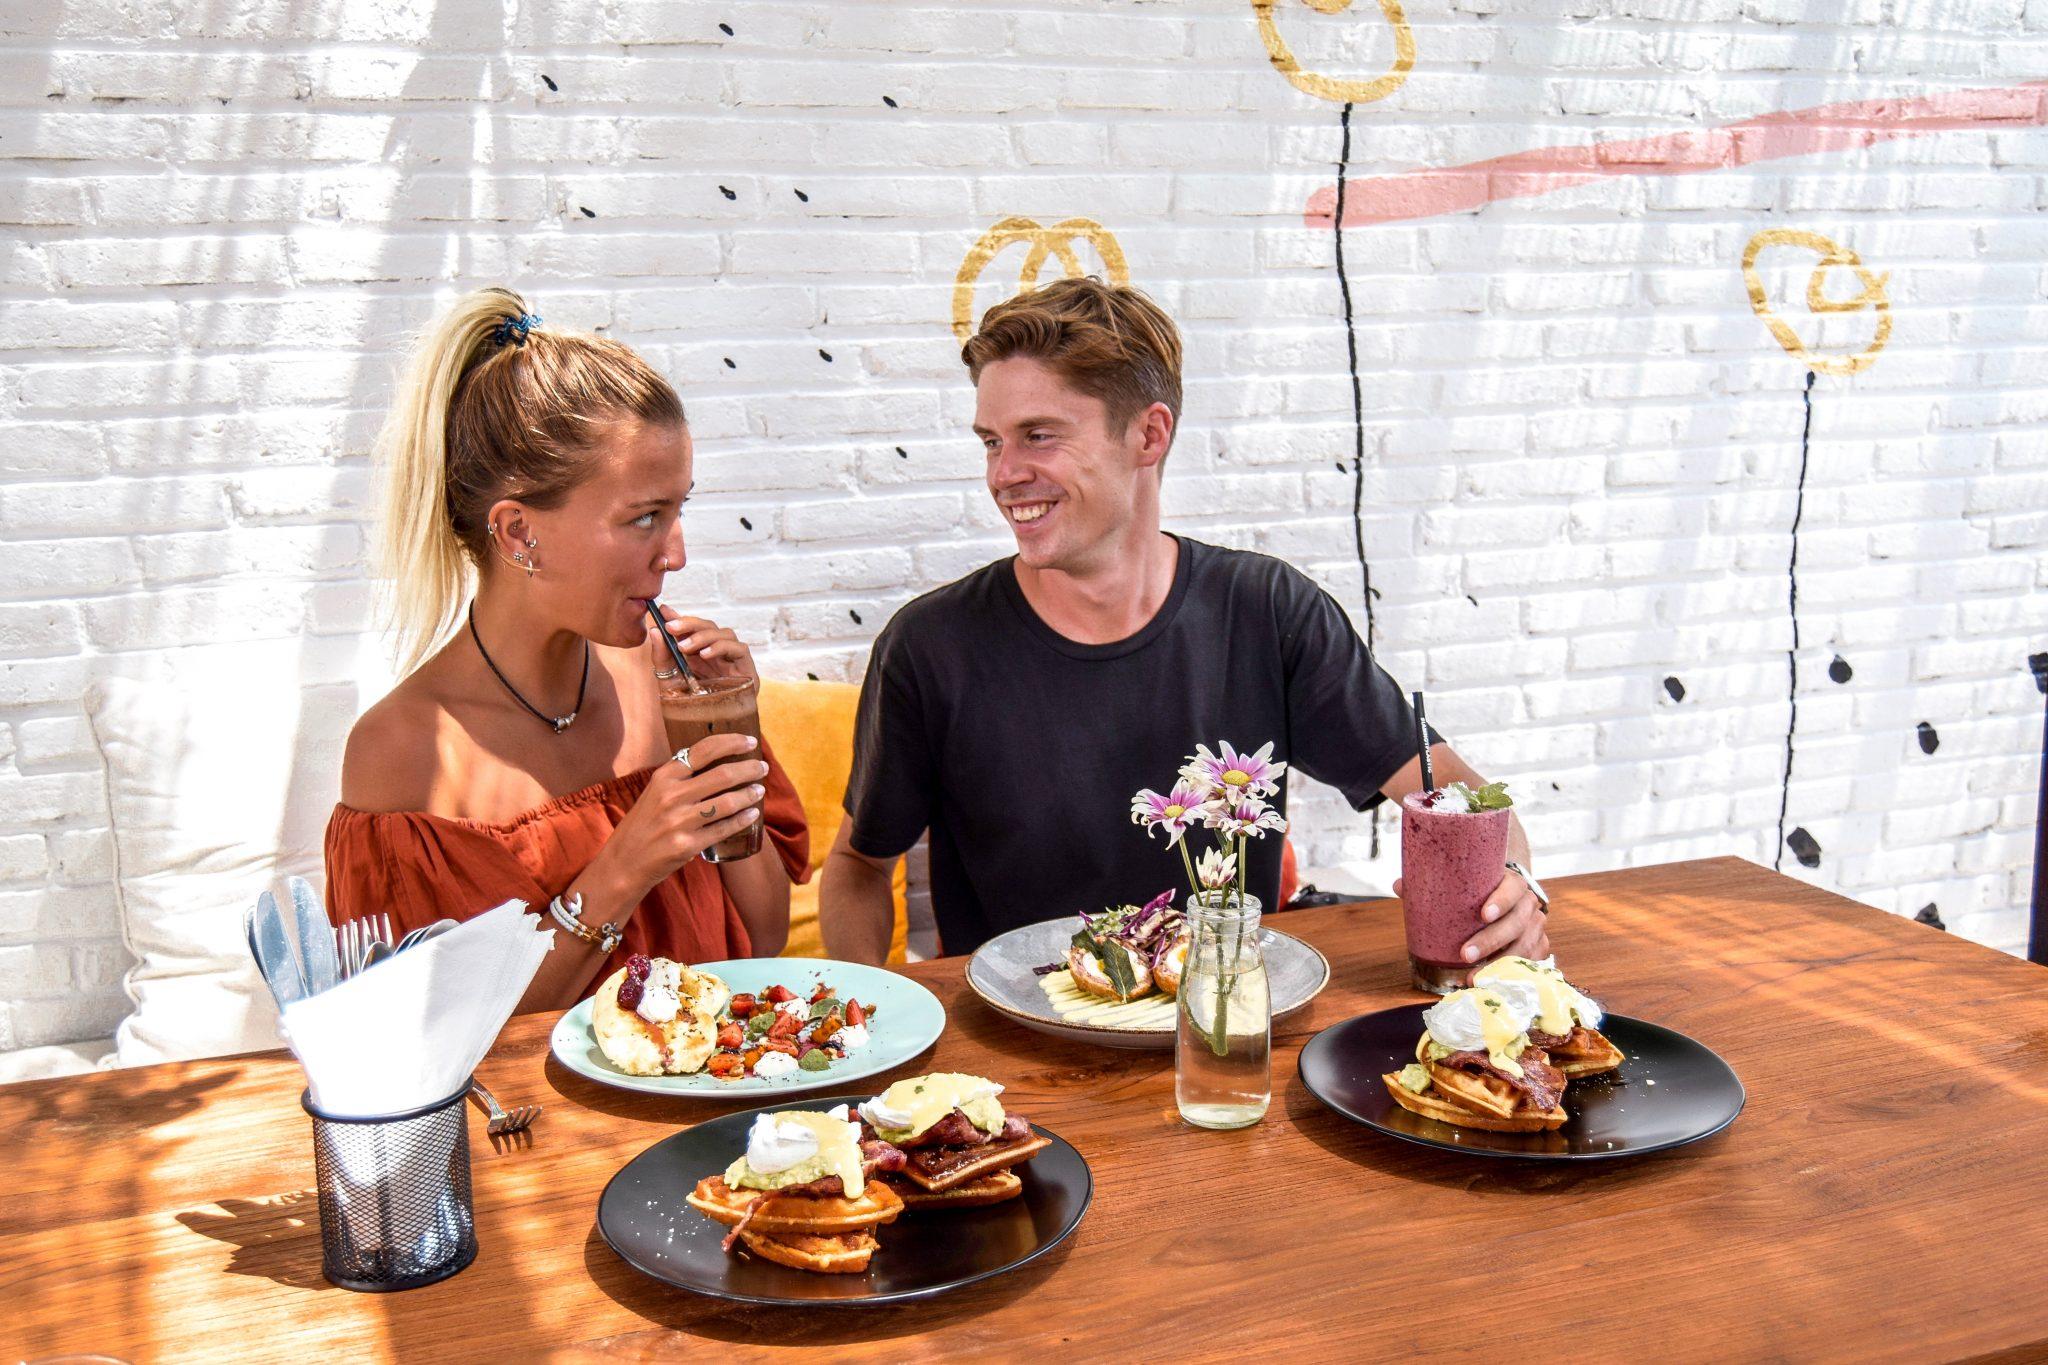 Wanderers & Warriors - Charlie & Lauren UK Travel Couple - Kembali Berawa - Best Restaurants In Bali Restaurants - Best Restaurants In Berawa